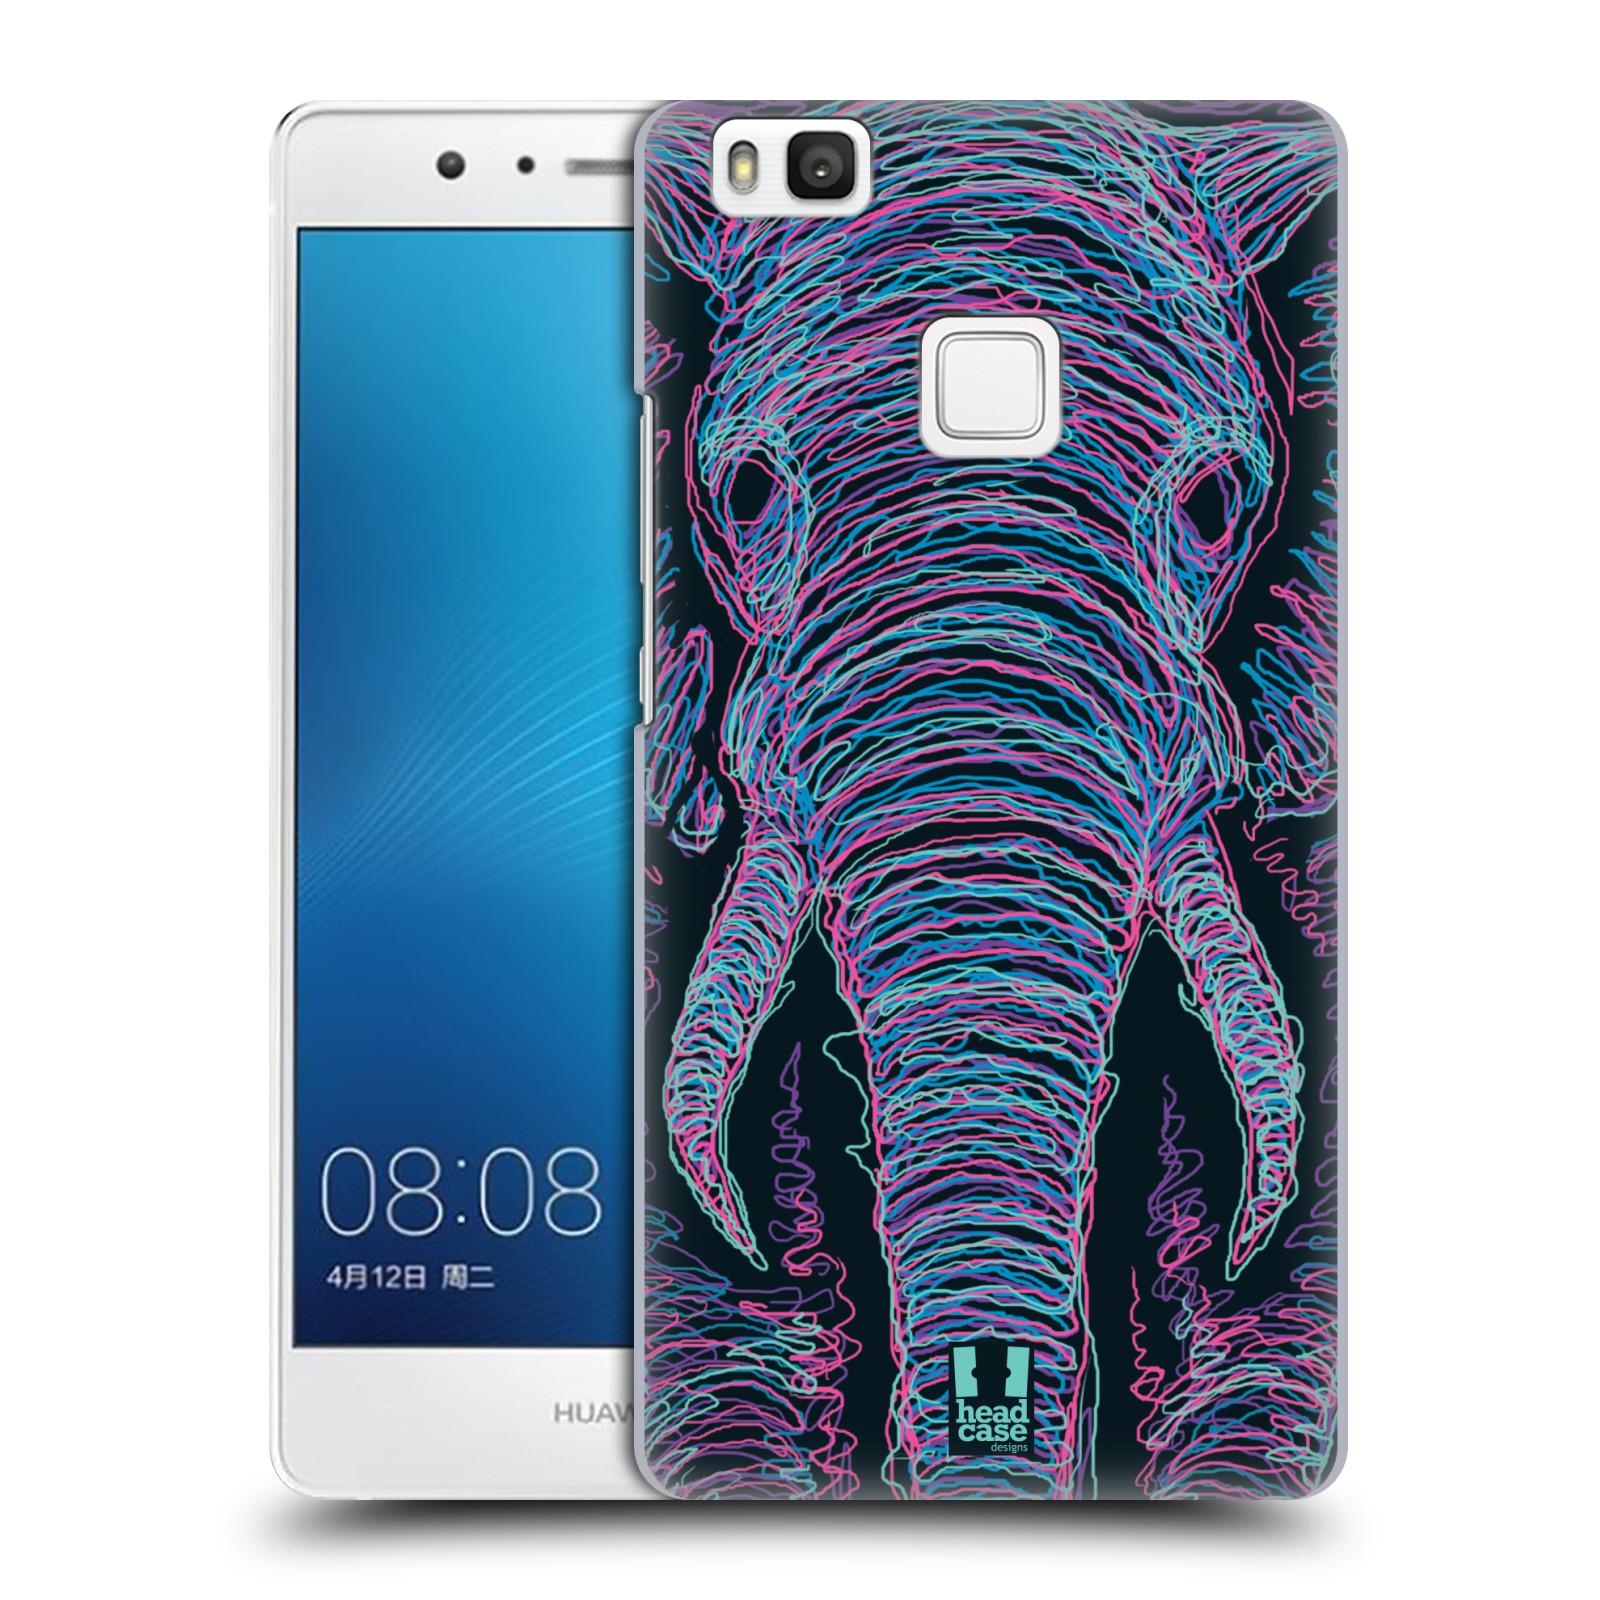 HEAD CASE plastový obal na mobil Huawei P9 LITE / P9 LITE DUAL SIM vzor zvíře čmáranice slon